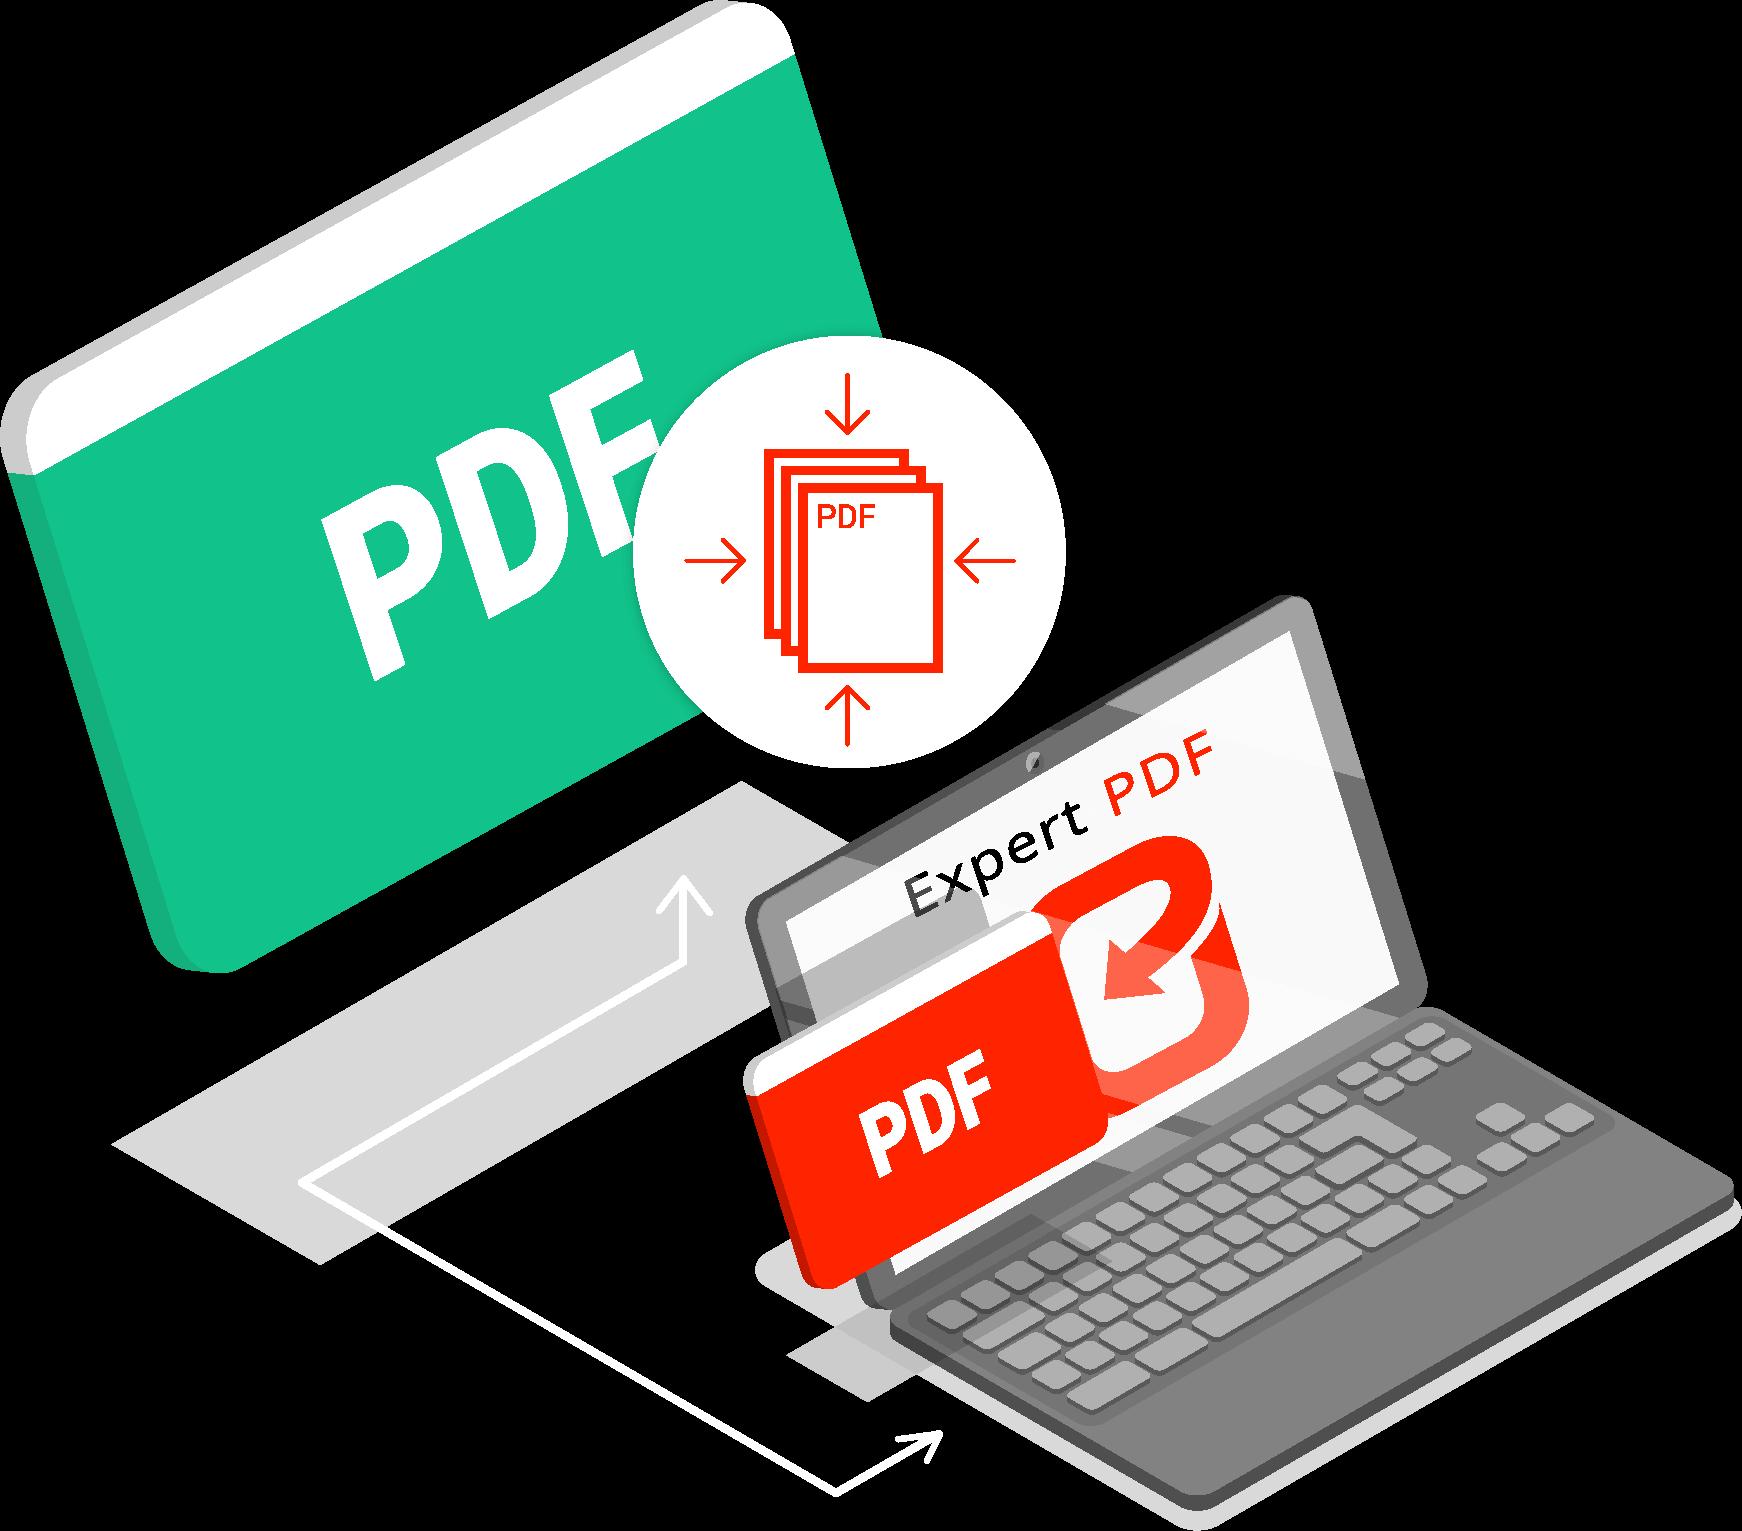 WIE KOMPRIMIERT MAN EINE PDF-DATEI MIT EXPERT PDF? WIE KOMPRIMIERT MAN EINE PDF-DATEI MIT EXPERT PDF?